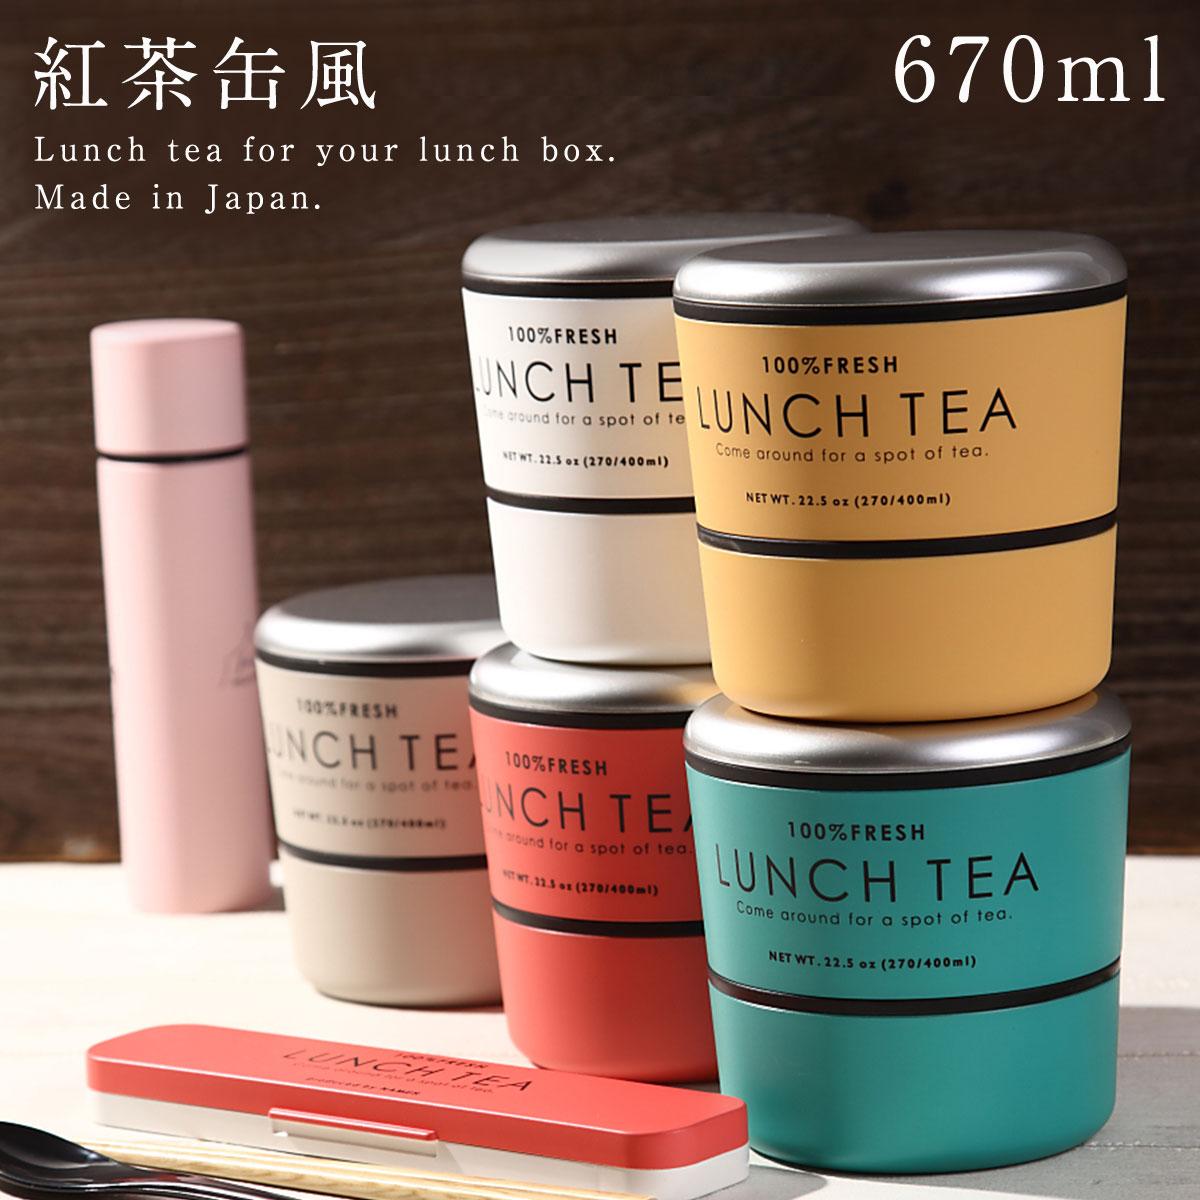 弁当箱 女子 レディース 女性用 大人 2段 LUNCH TEA ラウンドネストランチ 2段 プラスチック製 樹脂製 日本製 電子レンジ対応 食洗機対応